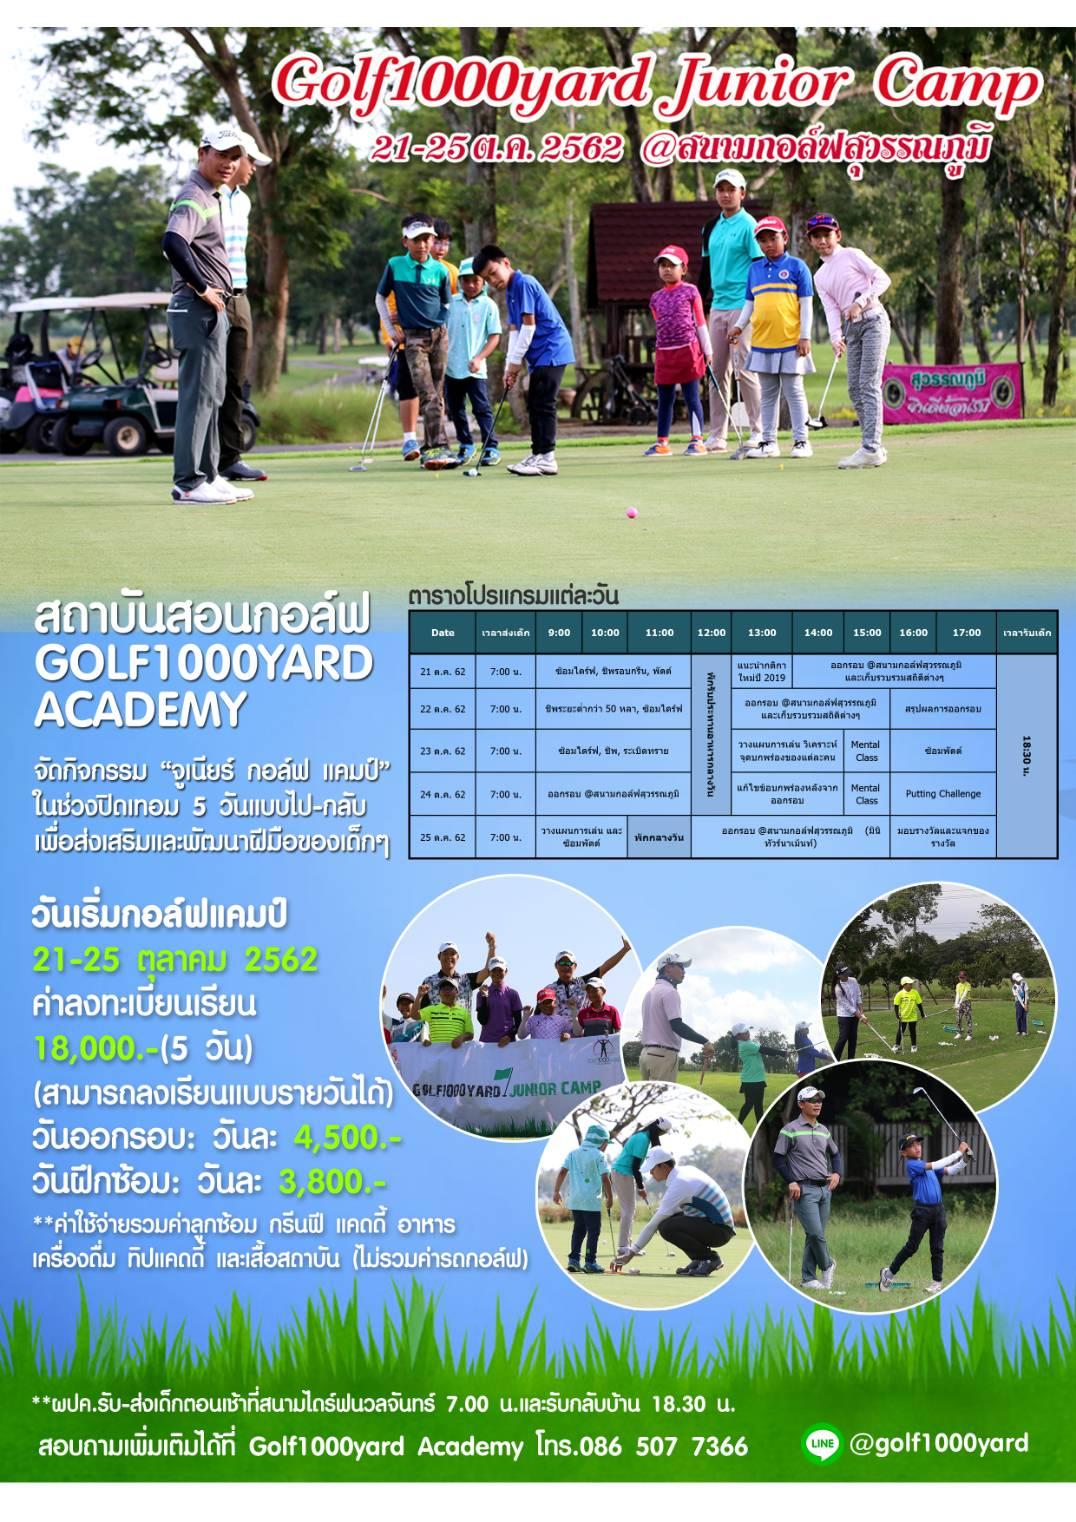 เชิญร่วมกิจกรรม junior golf camp 21-25ต.ค.ที่สนามกอล์ฟสุวรรณภูมิ